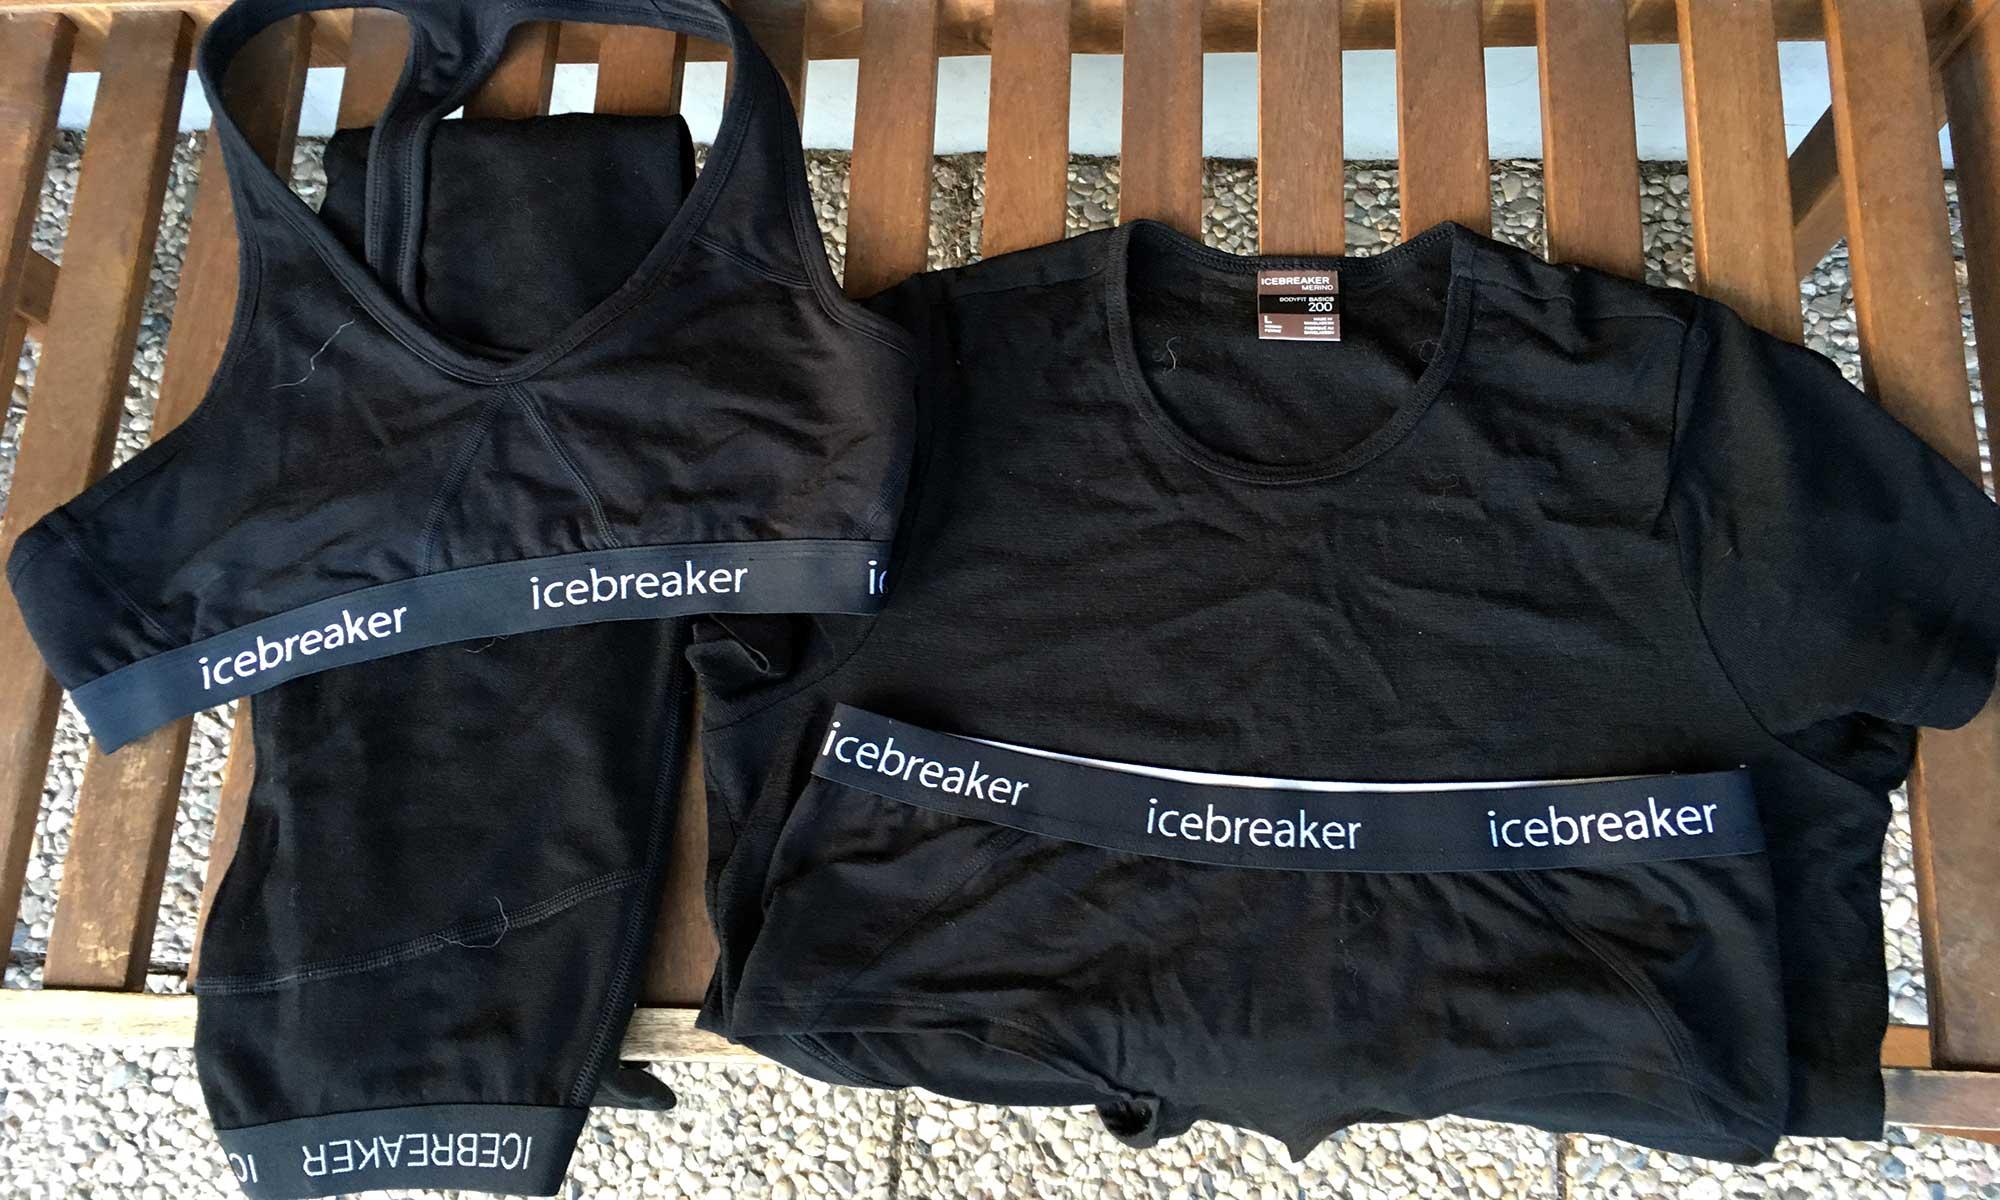 Icebreaker Merino Wolle Unterwäsche zum Wandern